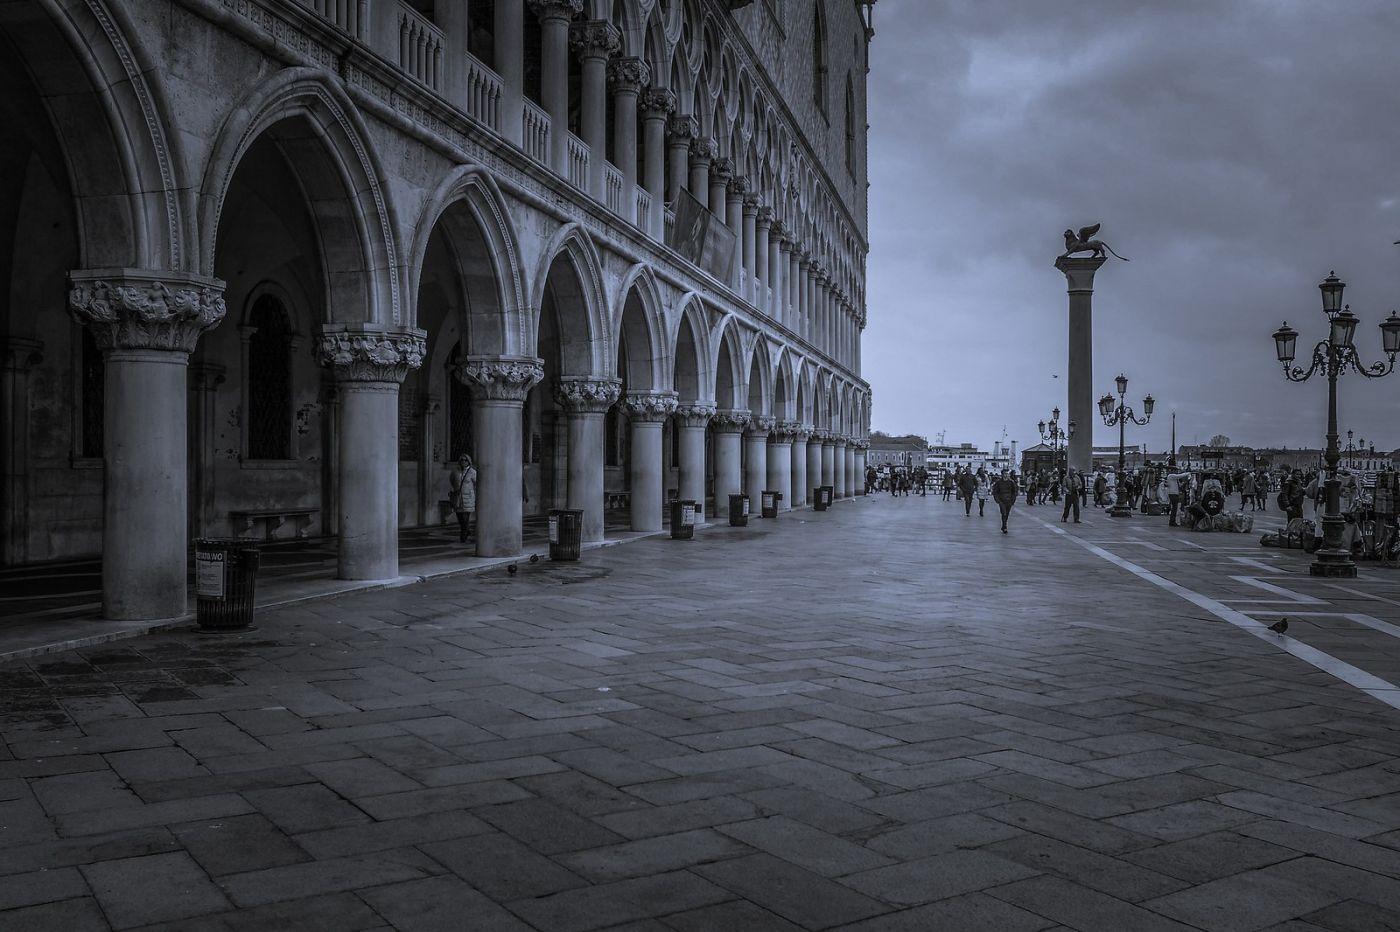 威尼斯圣马可广场(St Mark's Square), 独一无二_图1-15